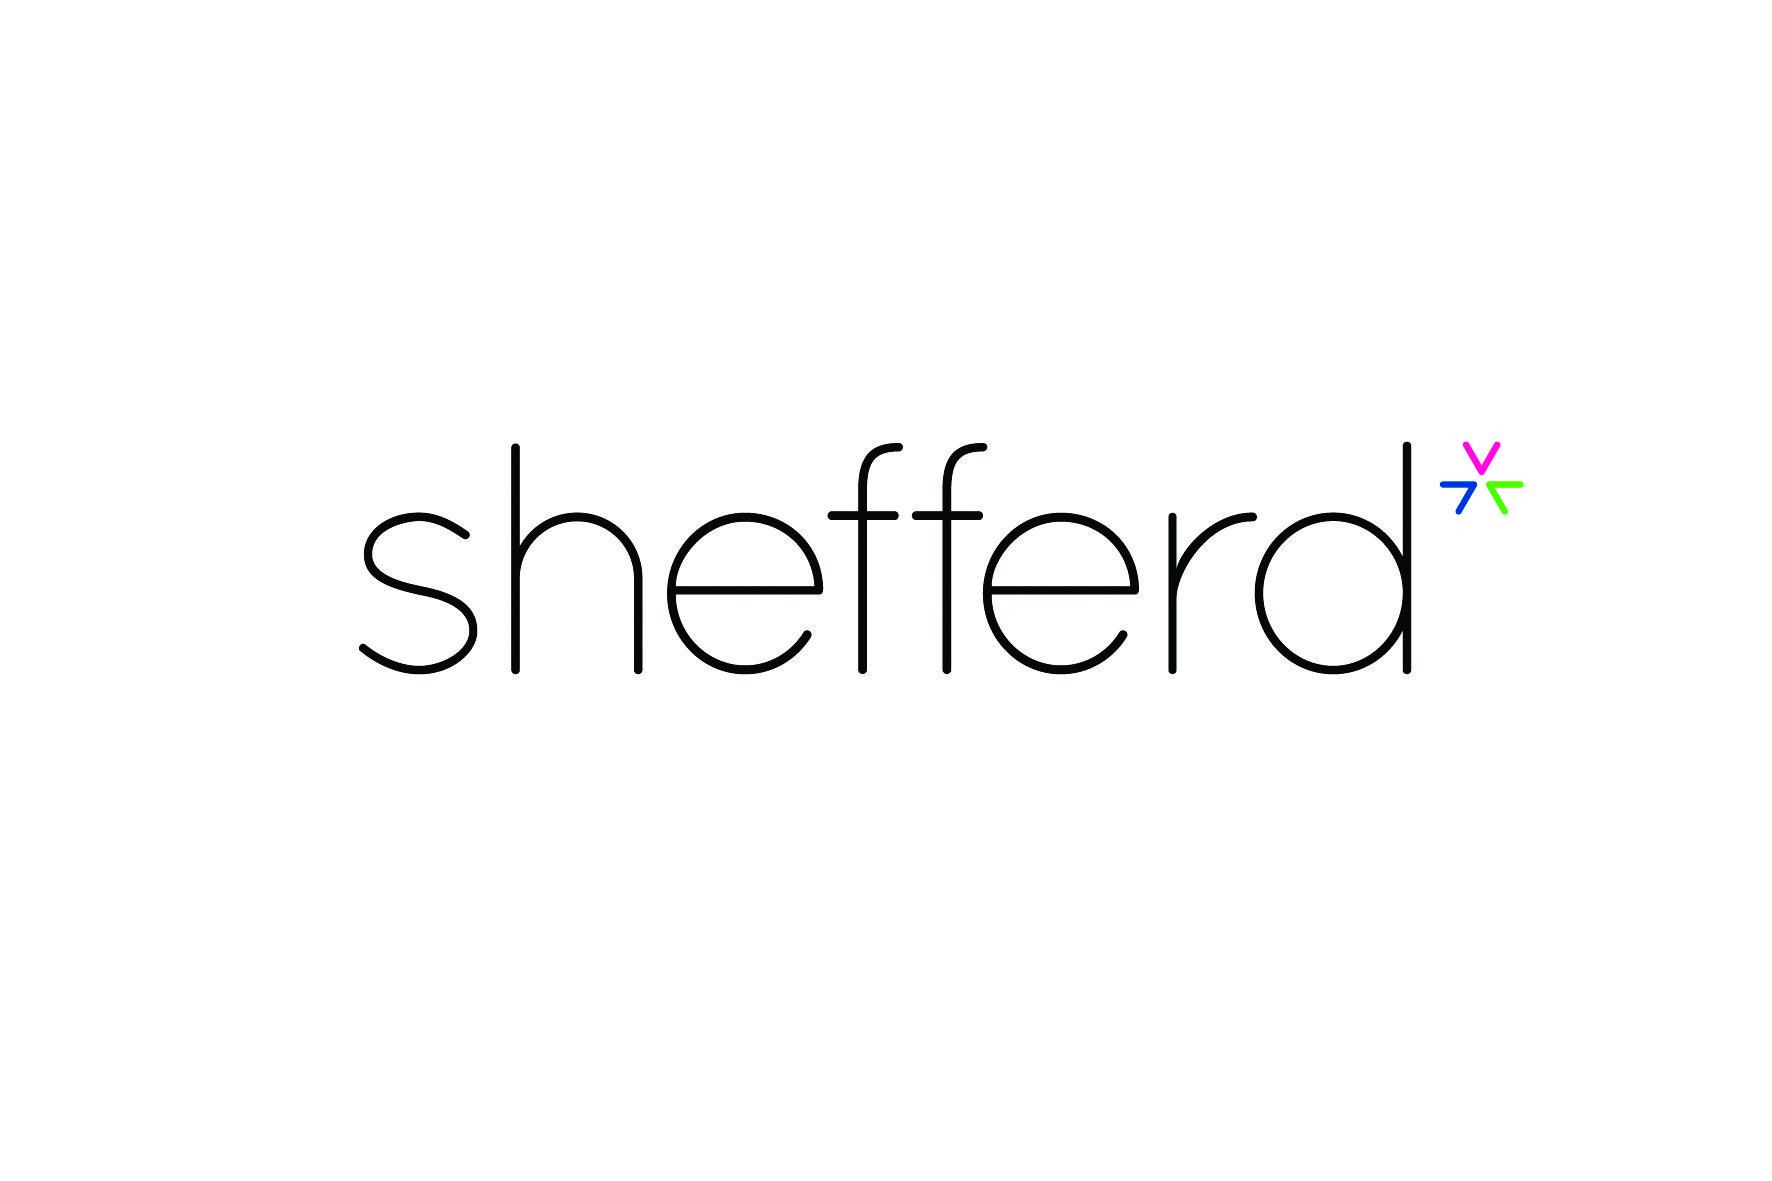 Shefferd.